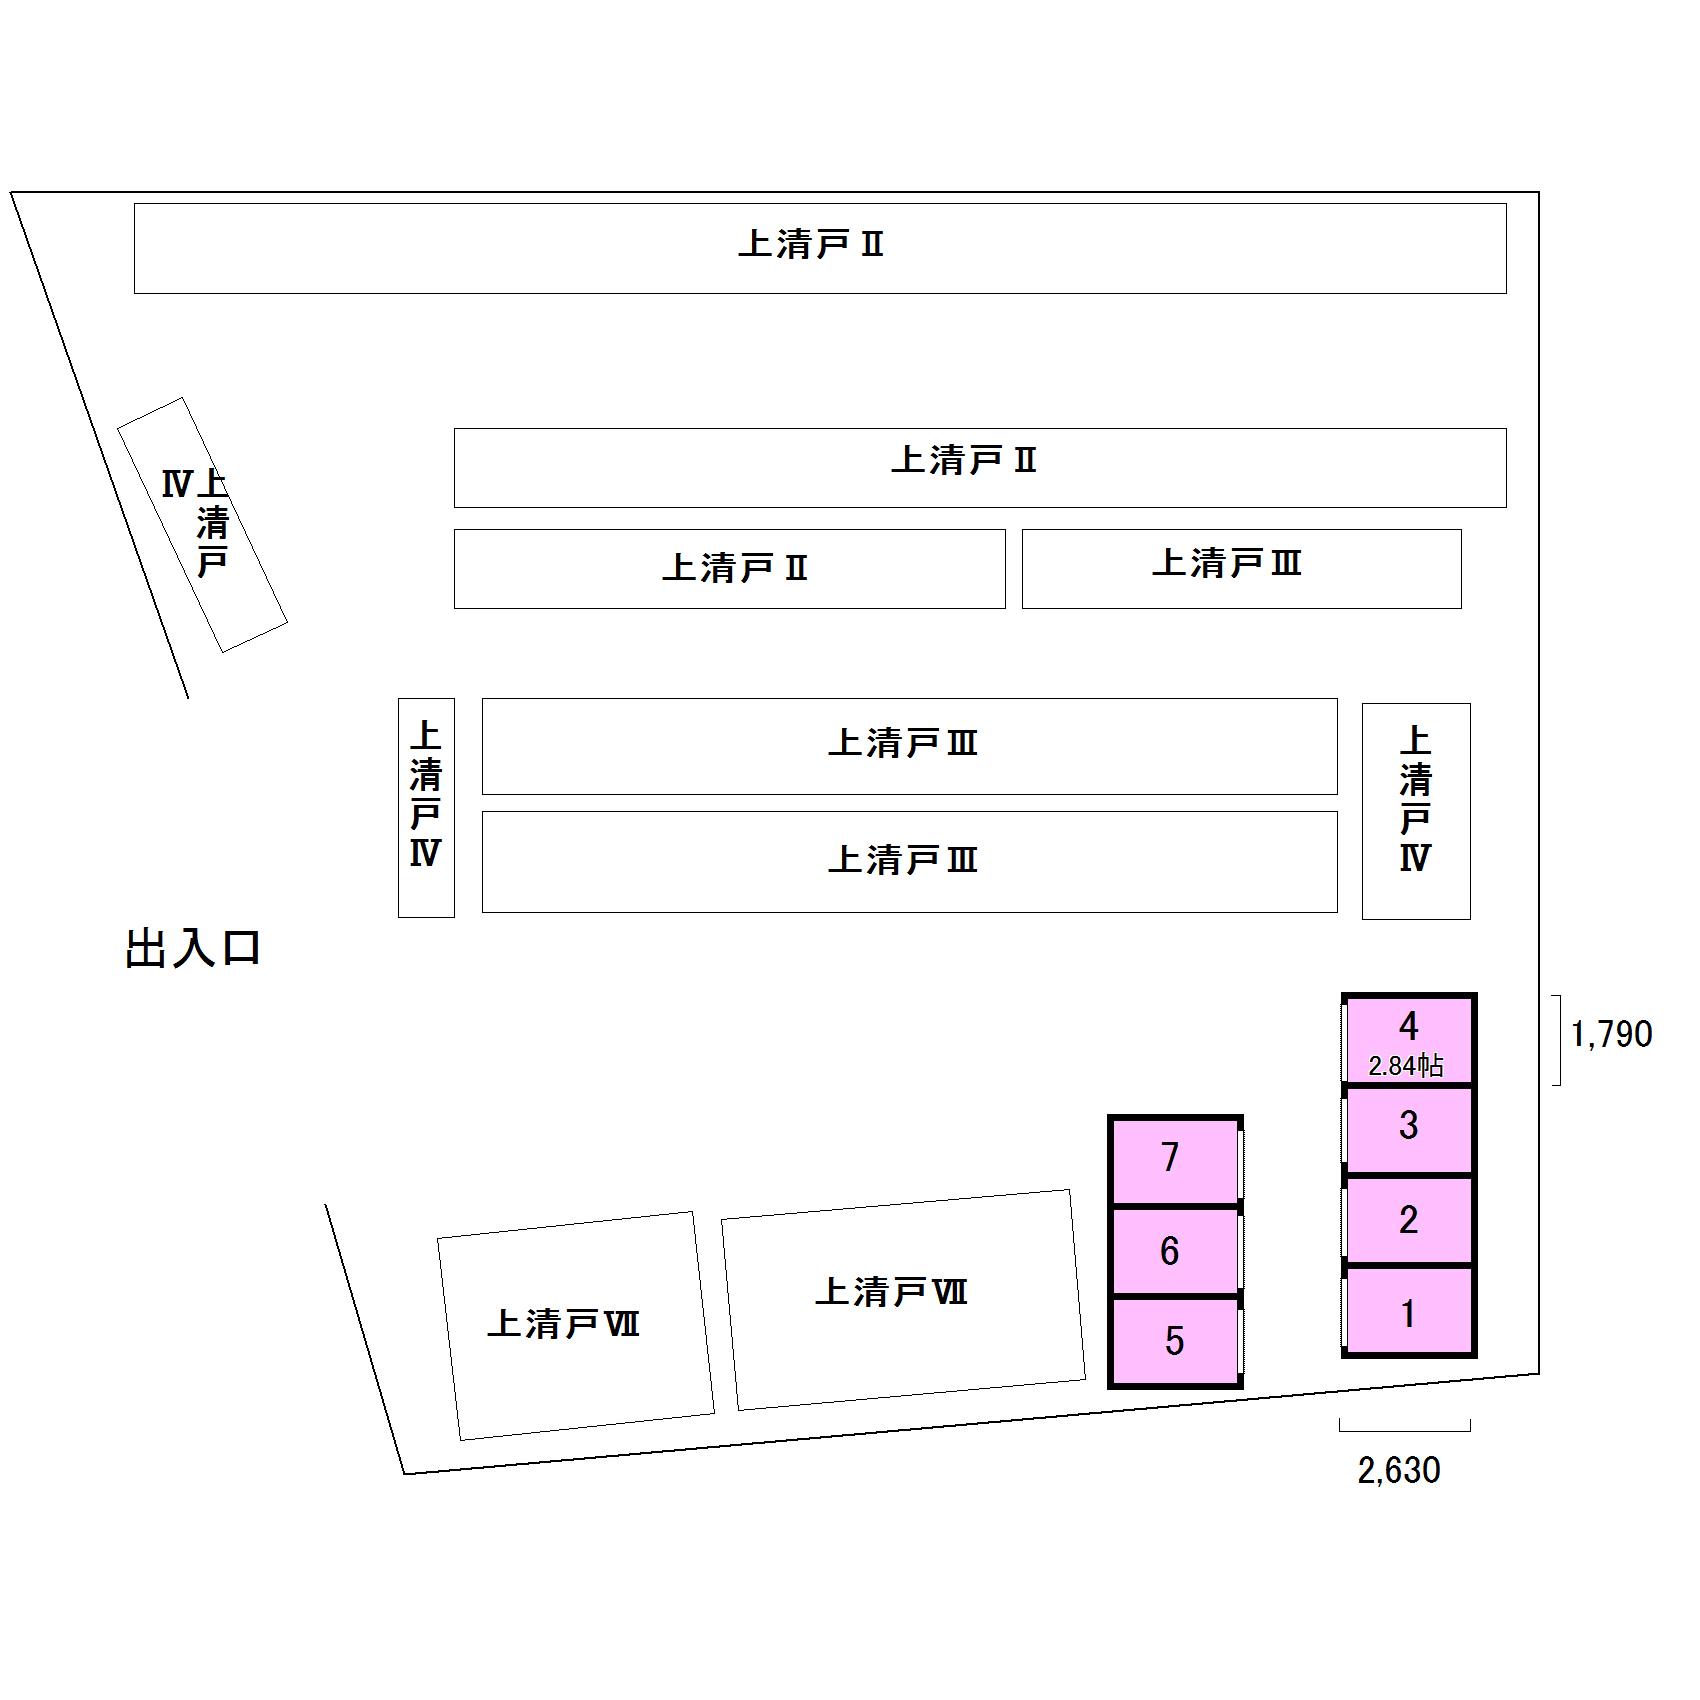 エヌピートランク上清戸Ⅴ(レイアウト図)